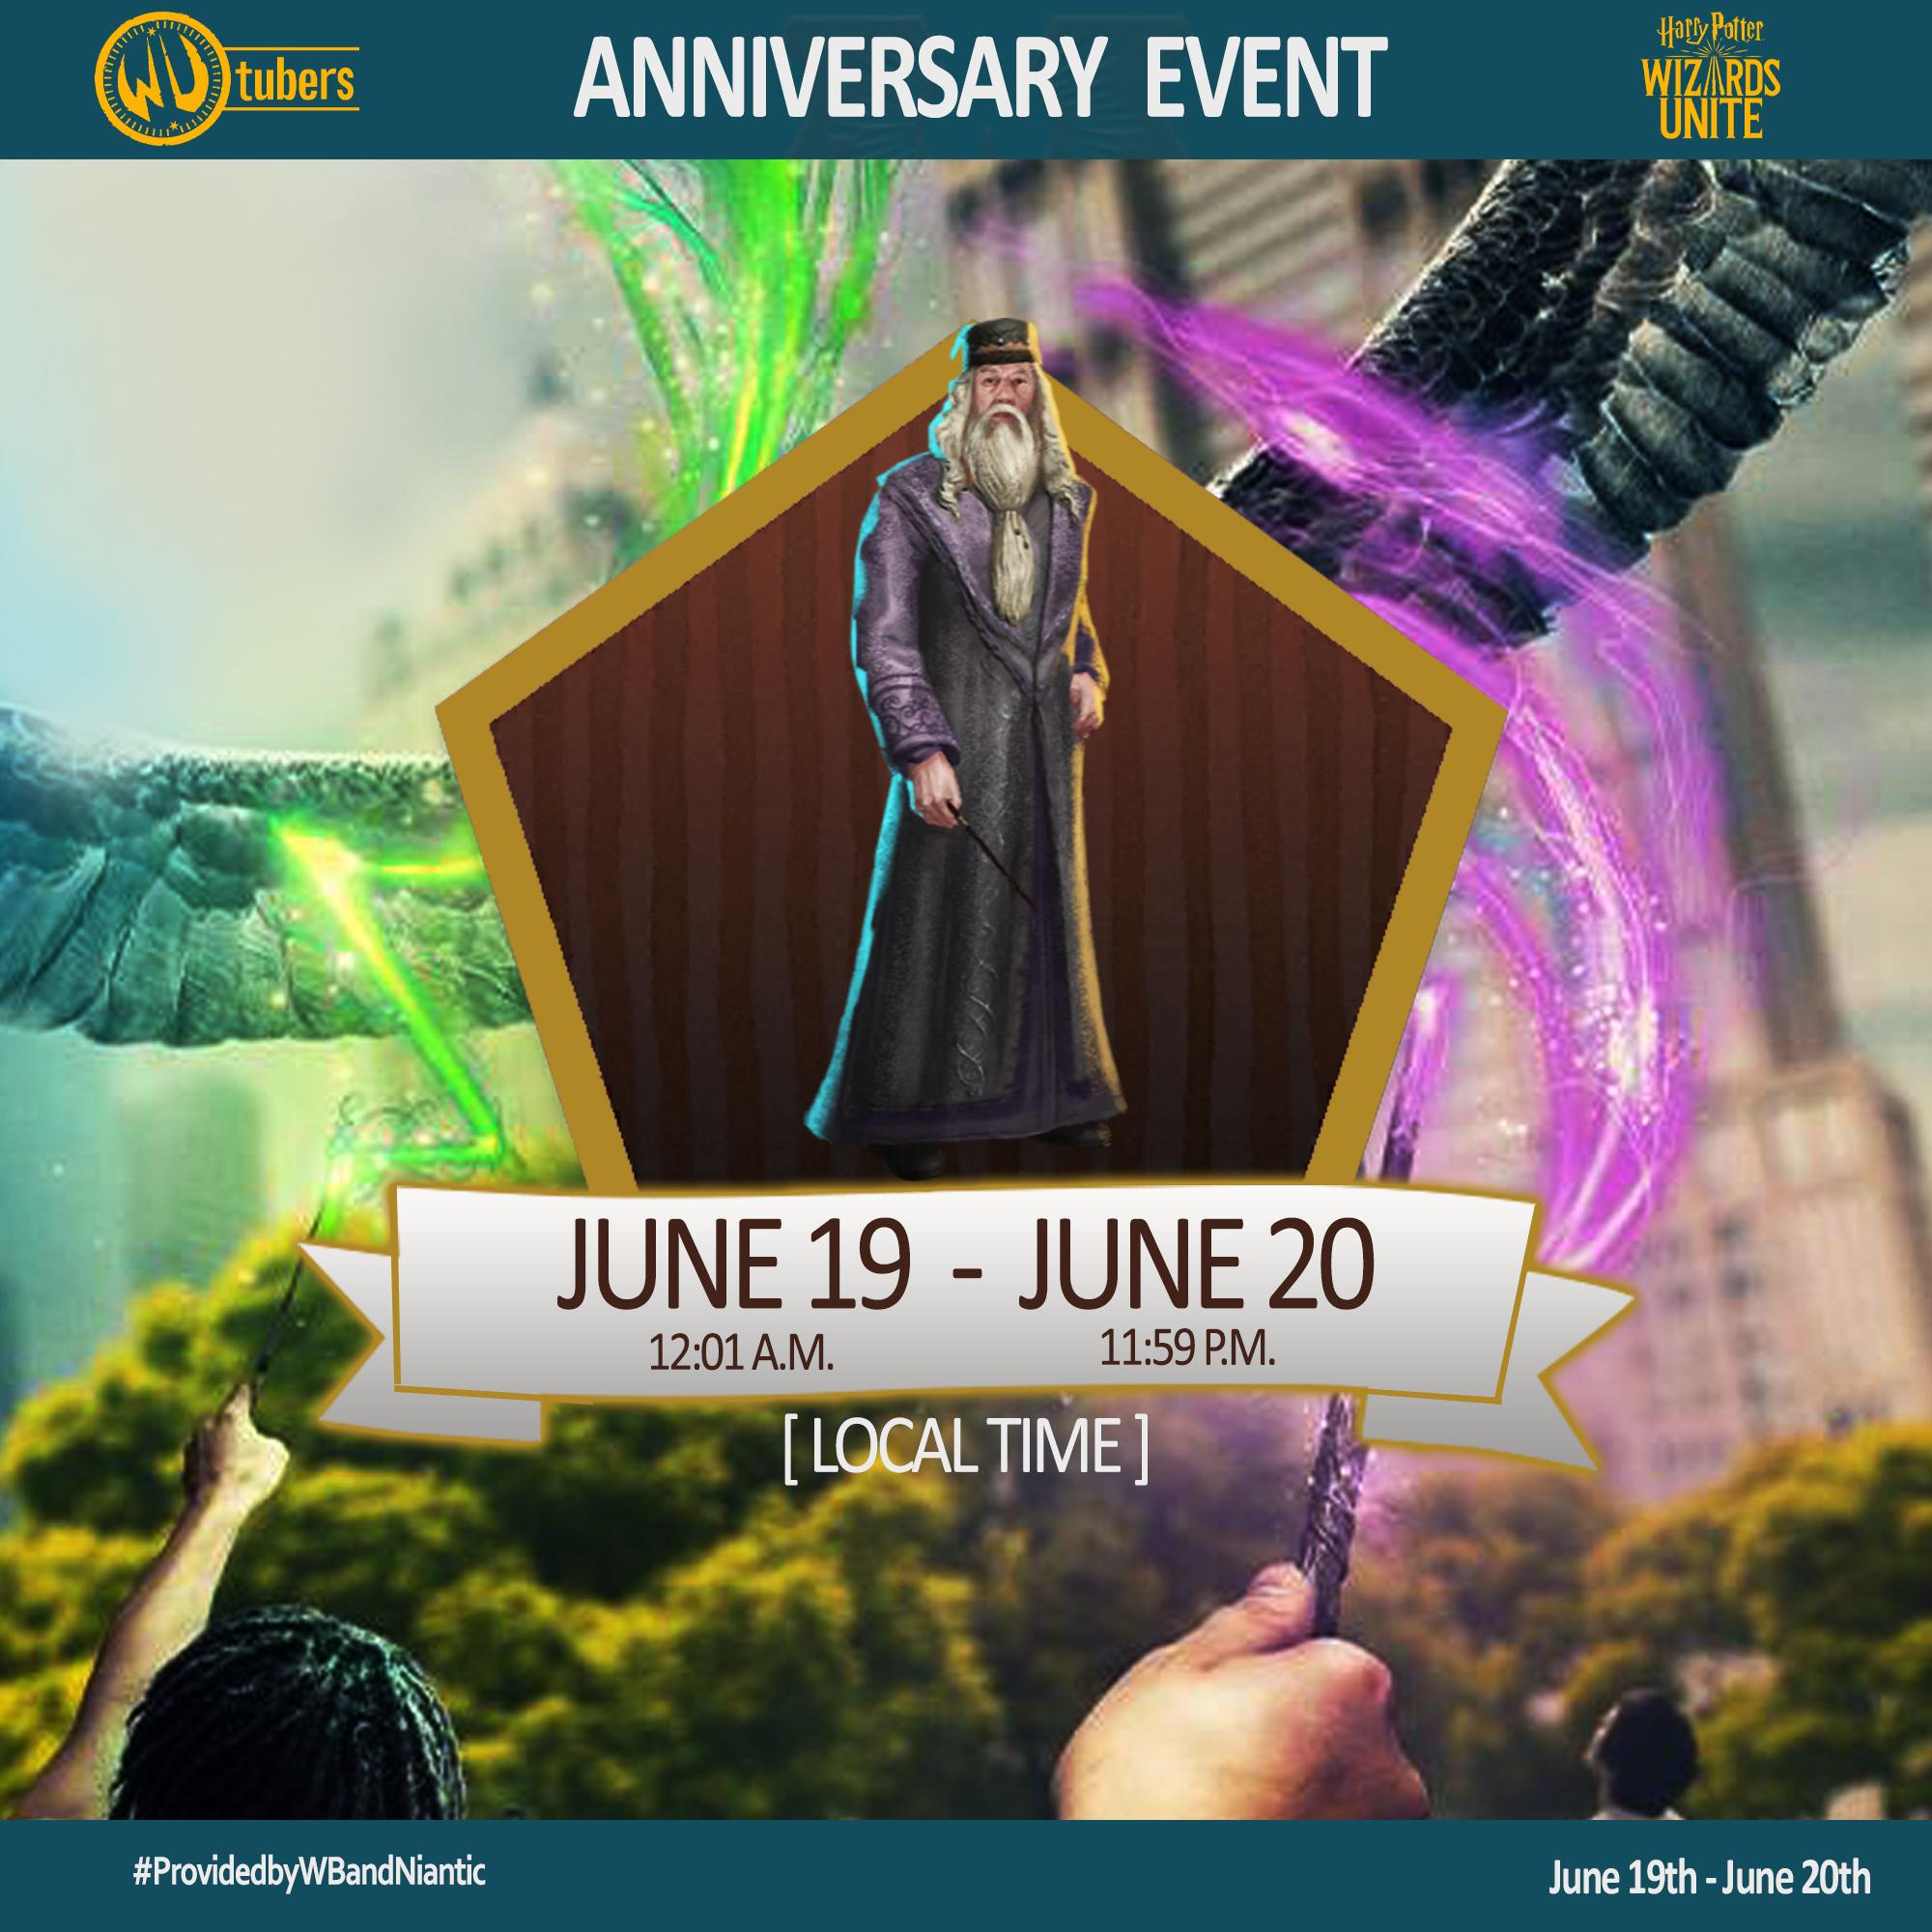 Anniversary_Event_2021_Date.jpg